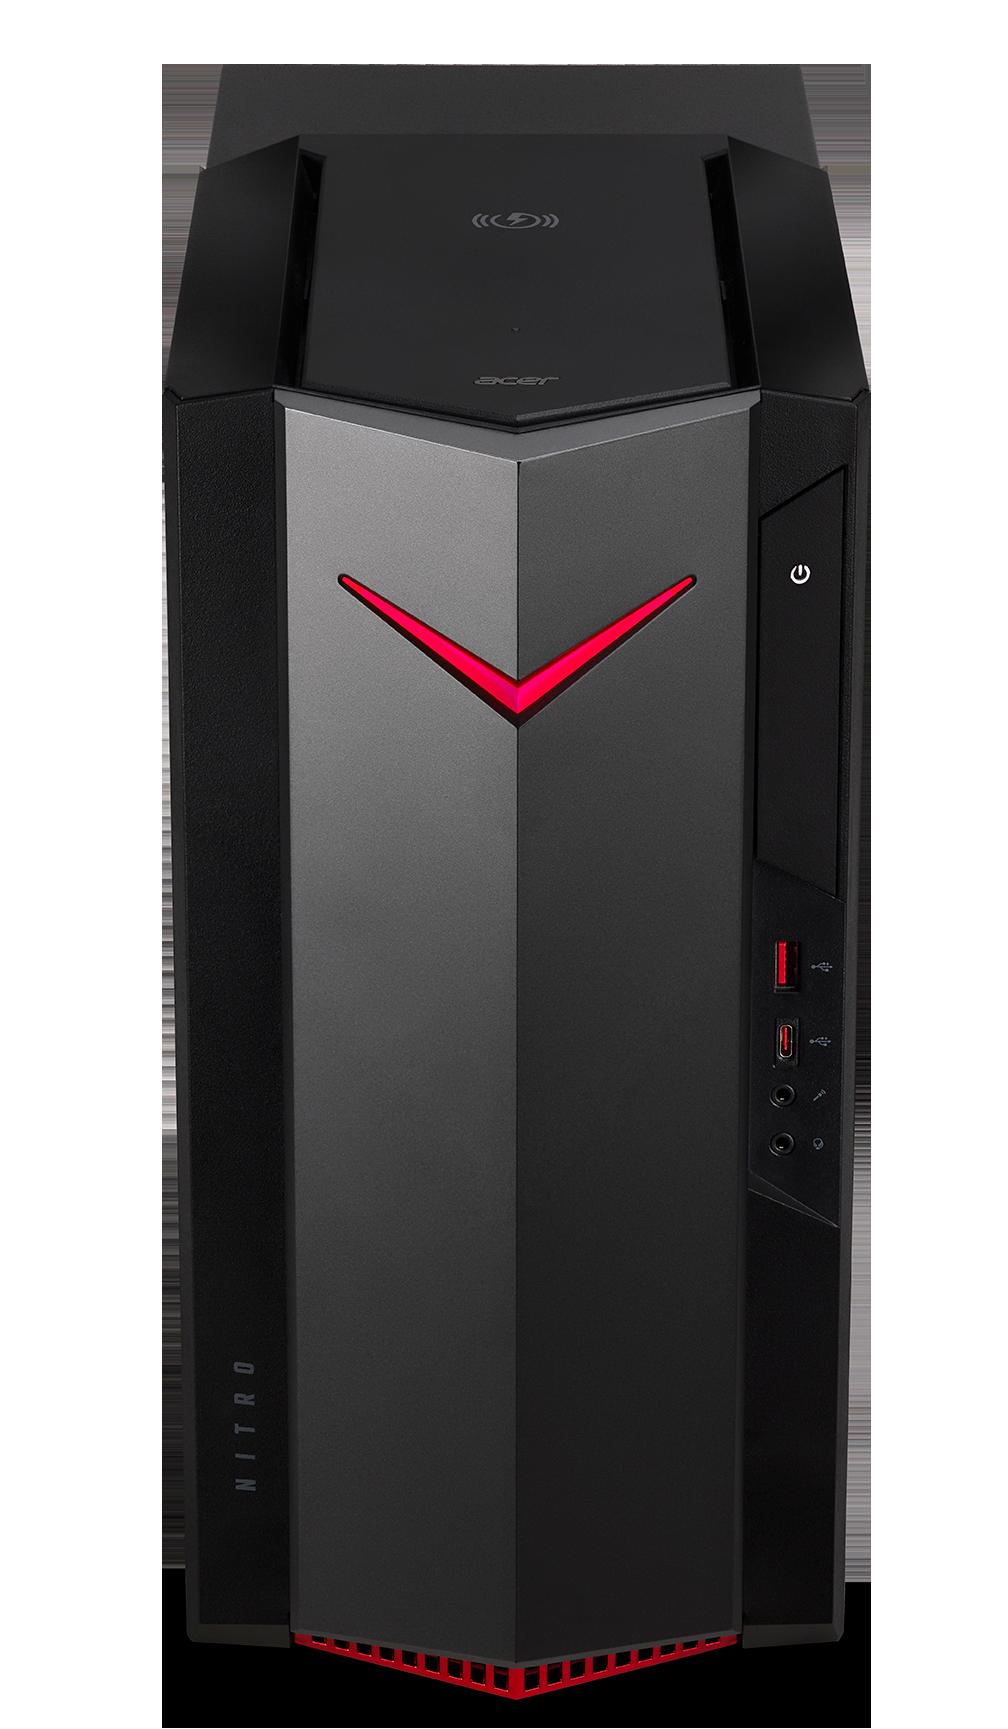 Acer Nitro N50-610 - i7-10700/1TBSSD/16G/RTX2060/W10